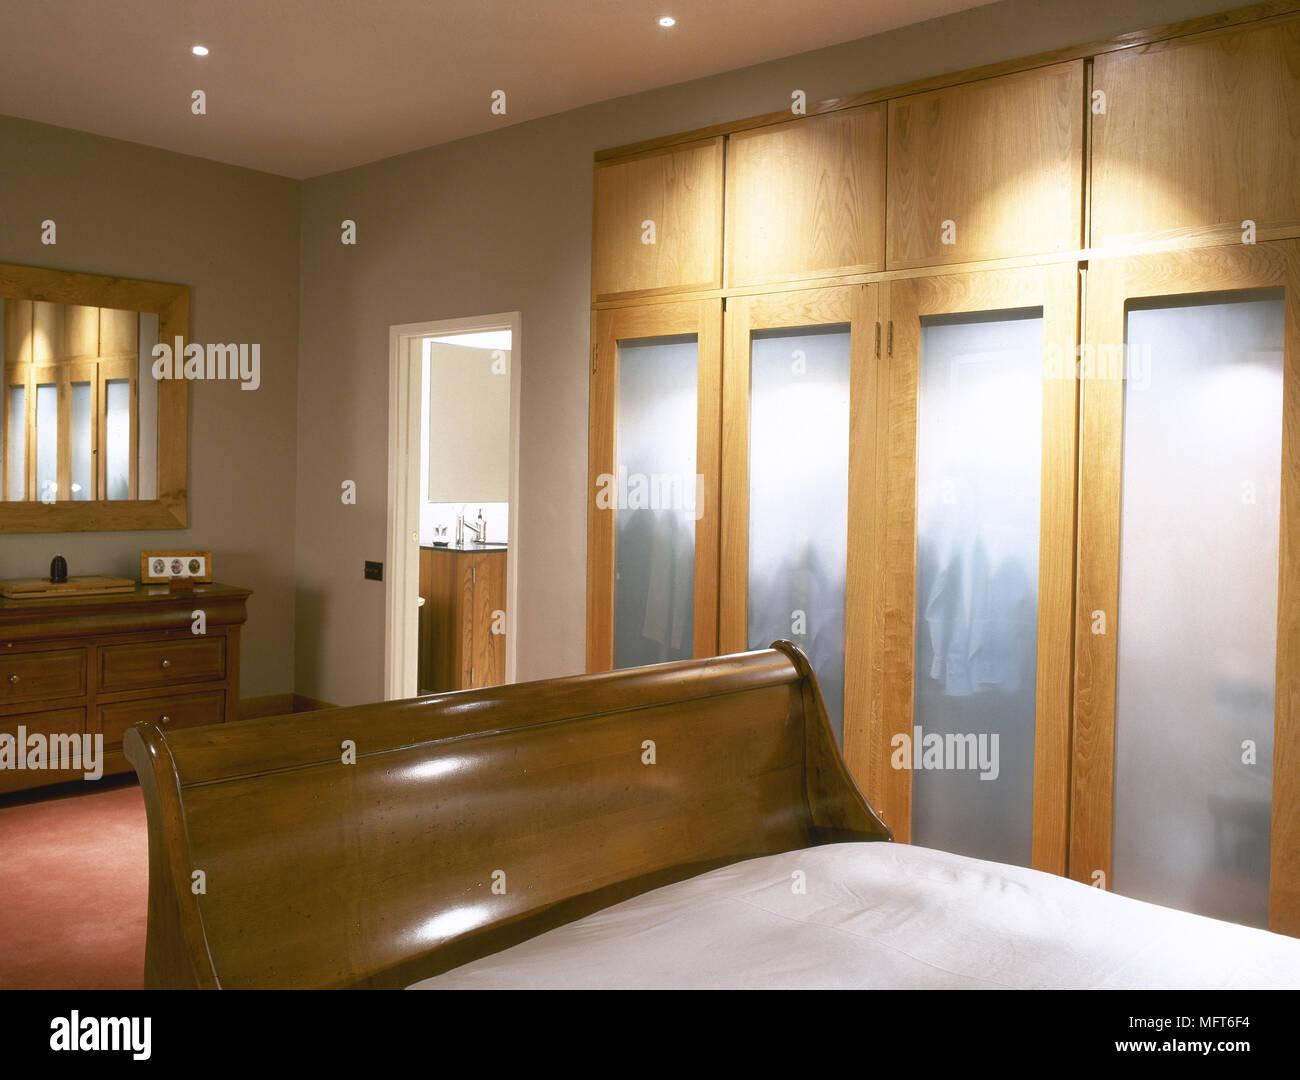 Letto Incassato Armadio : Camera da letto moderno dettaglio con una slitta di legno letto